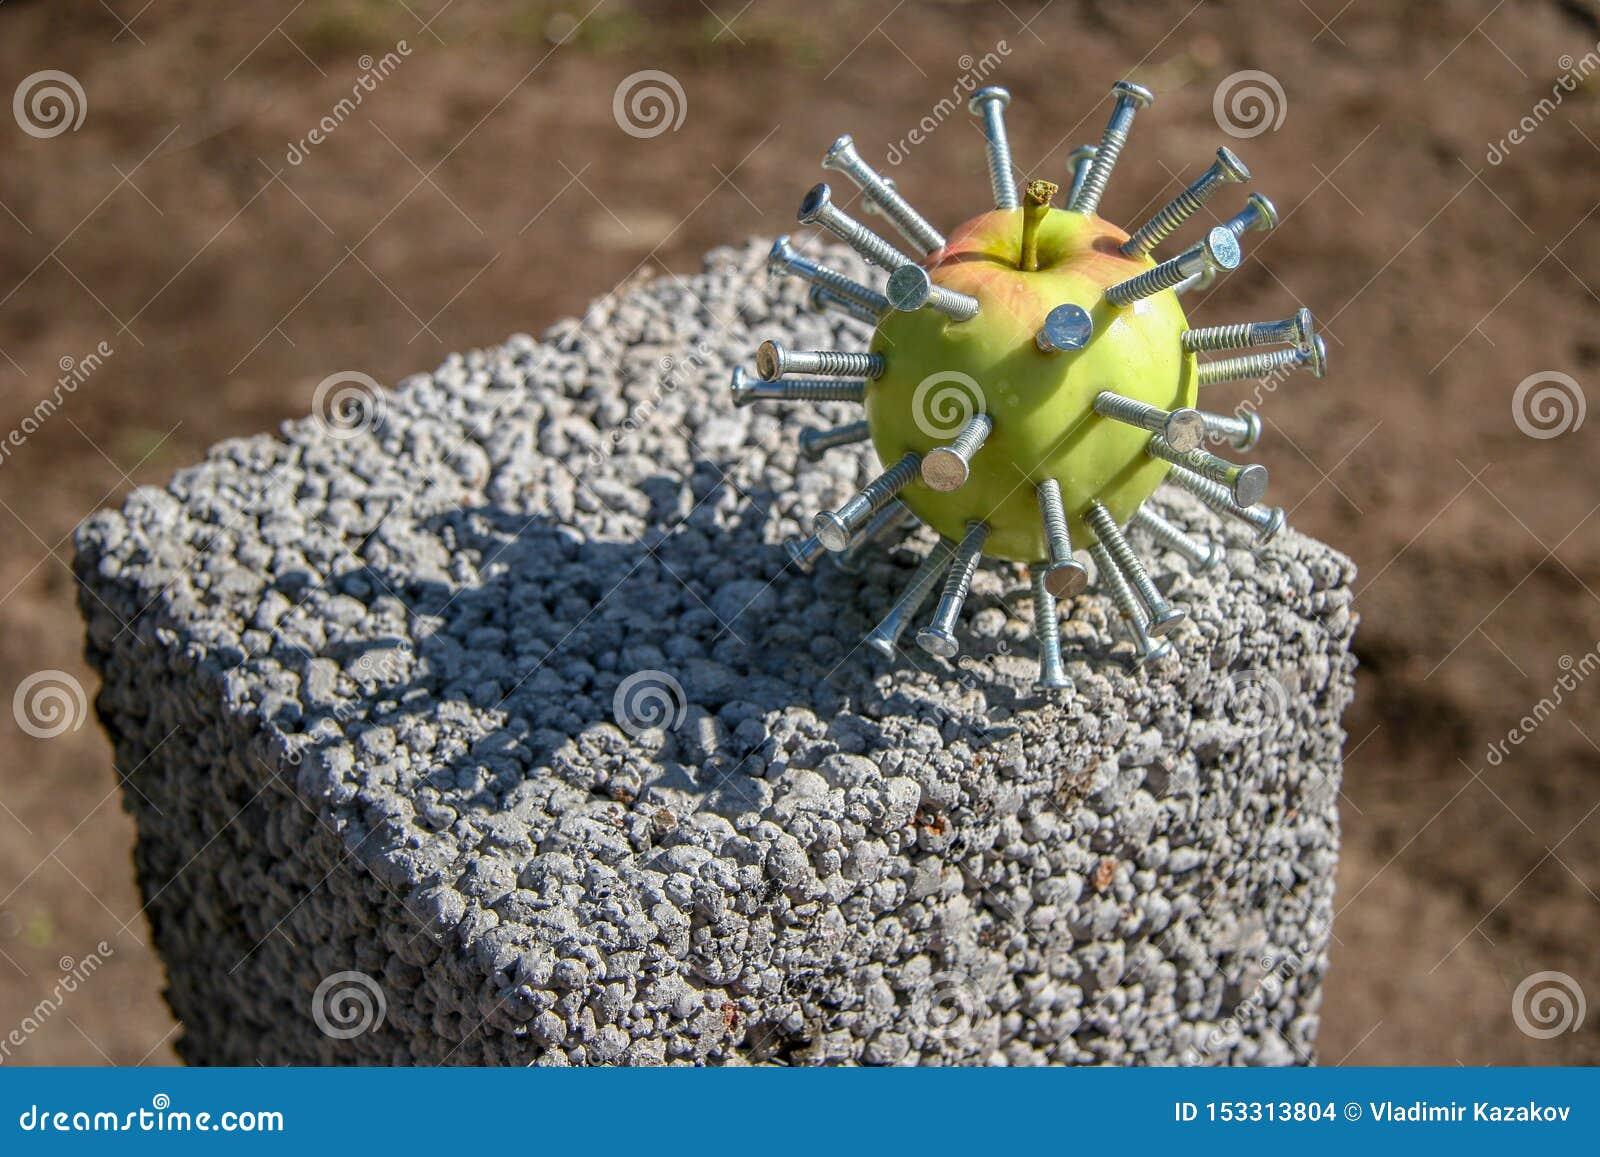 Una mela verde con i chiodi attaccati come una testa in un film Hellraiser si trova su un blocco un giorno soleggiato